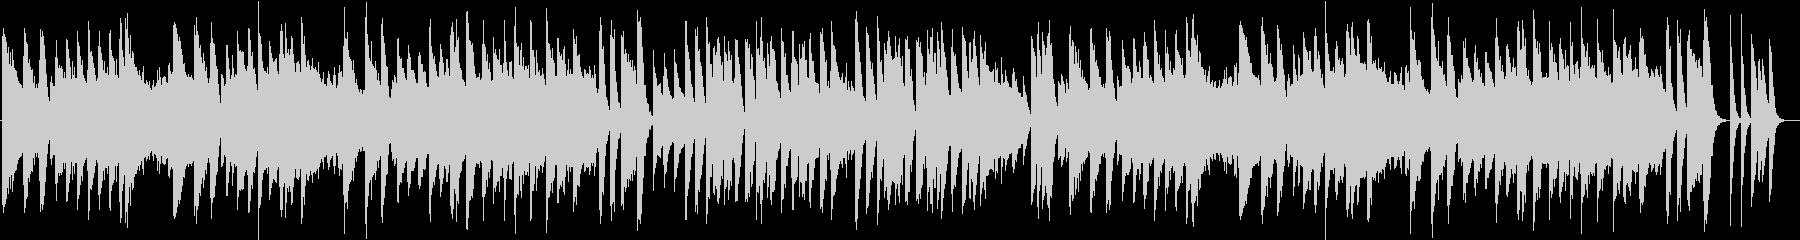 昭和歌謡の切なくて甘酸っぱいピアノBGMの未再生の波形